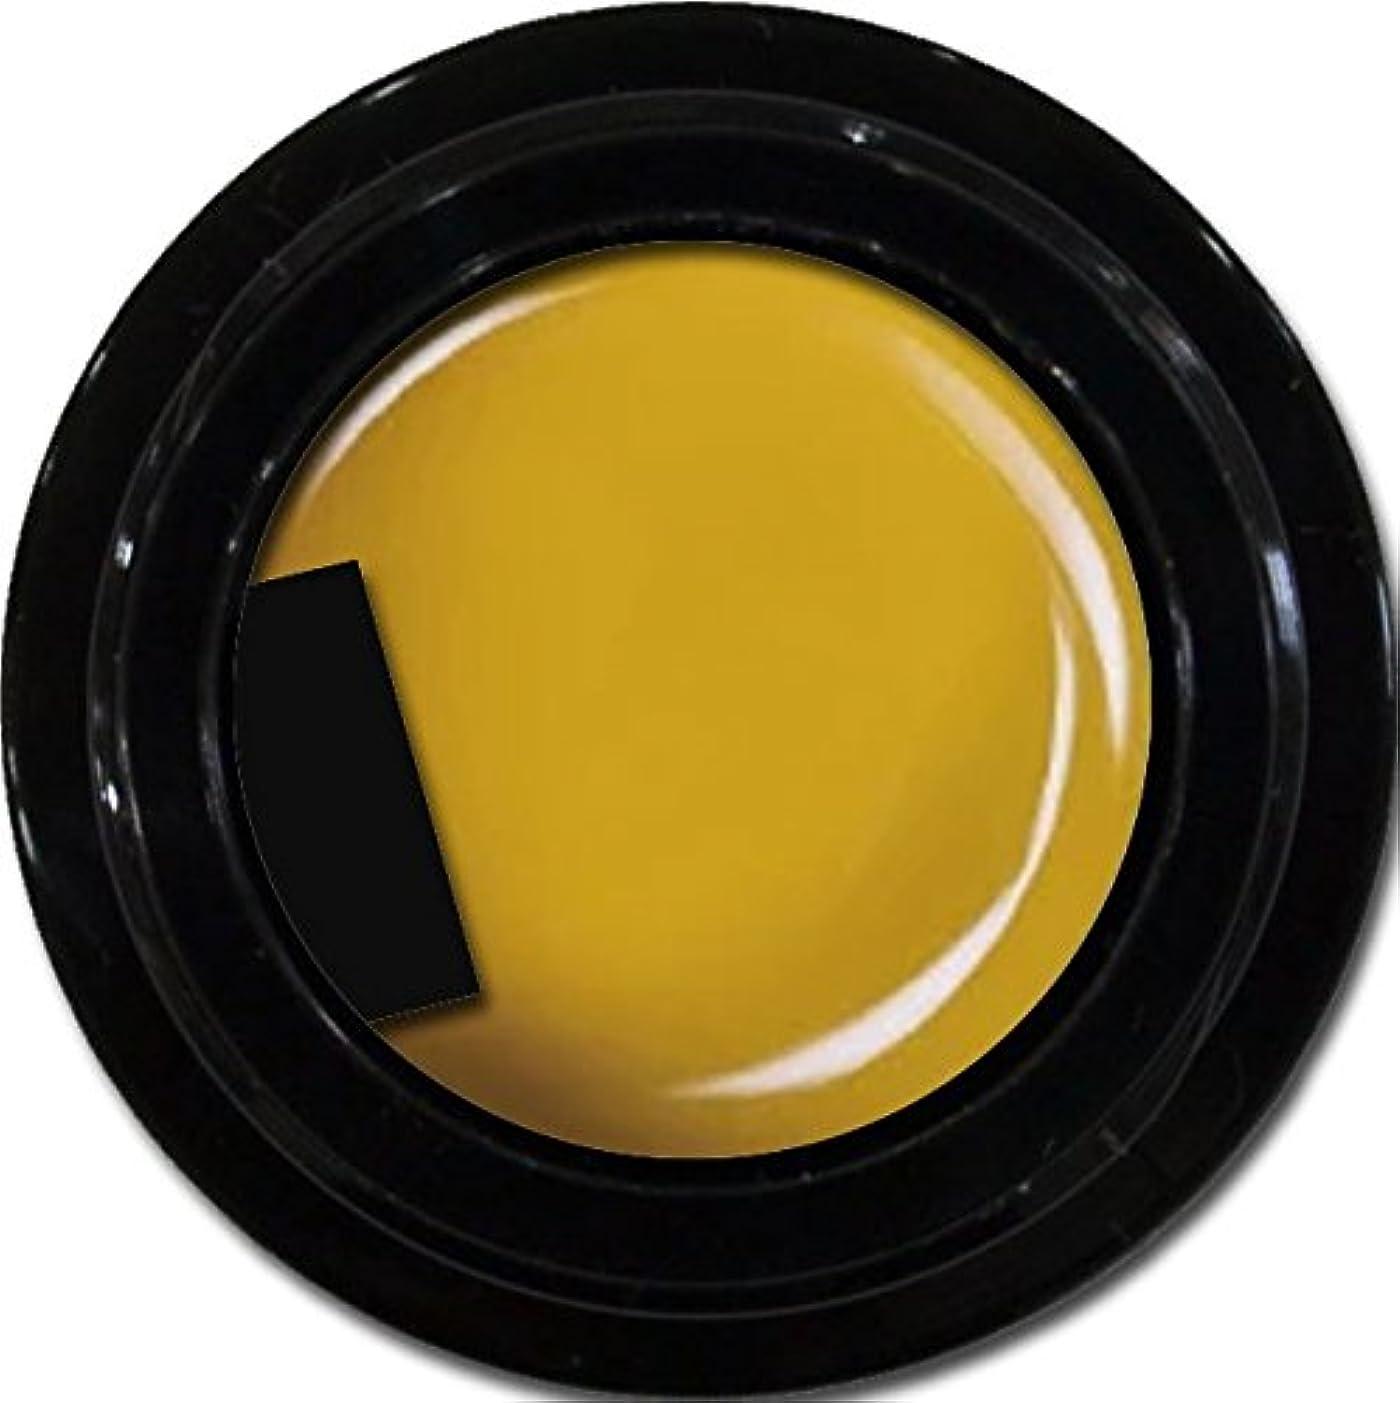 とらえどころのない勝利した調査カラージェル enchant color gel M605 Cameron3g/ マットカラージェル M605キャメロン 3グラム